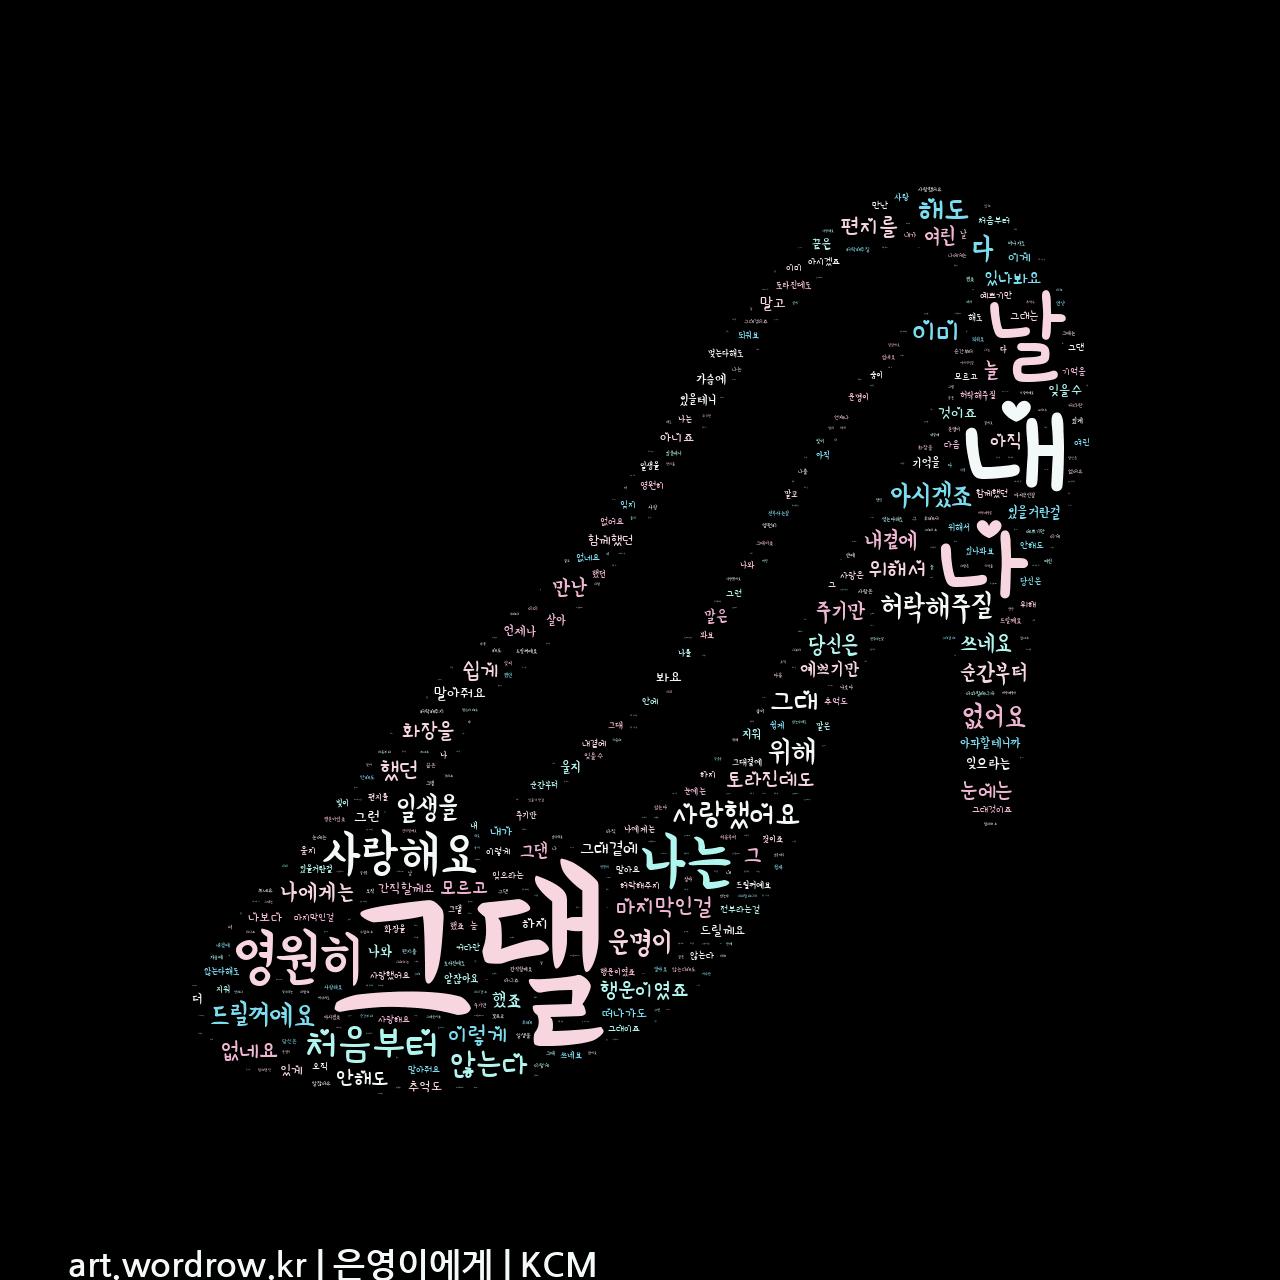 워드 클라우드: 은영이에게 [KCM]-14